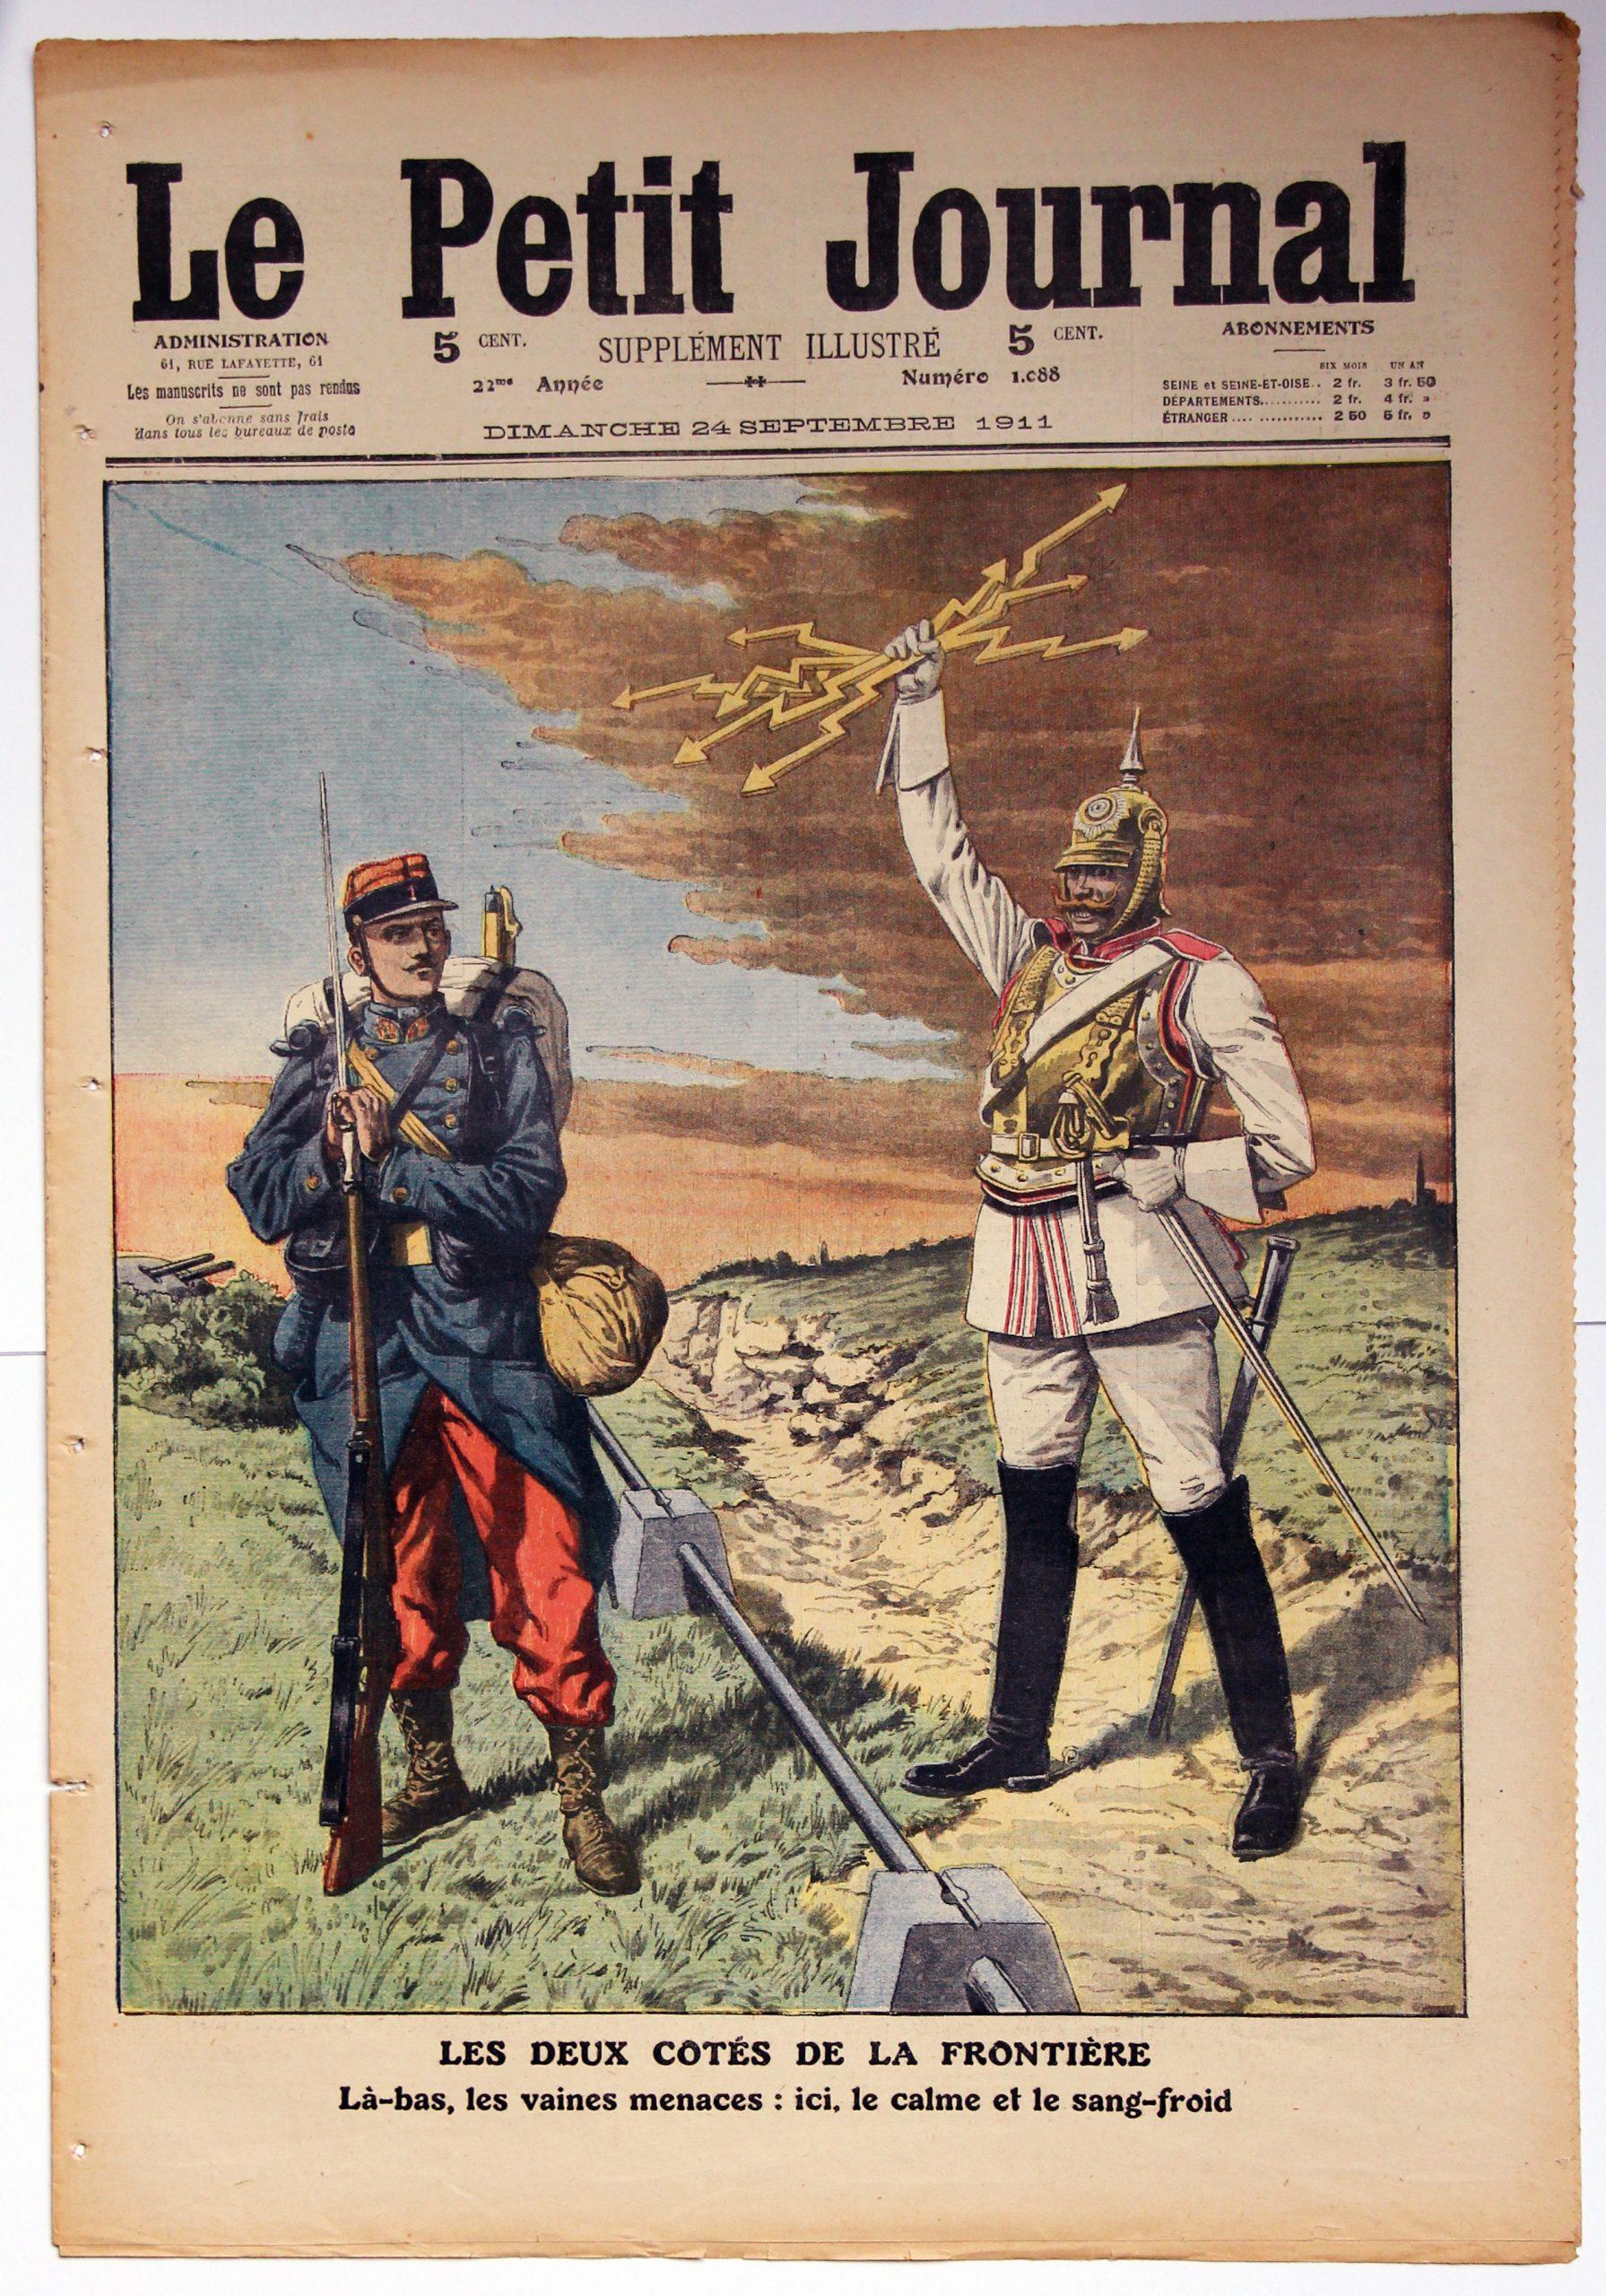 Le petit journal - supplément illustré - 24 septembre 1911- Les deux cotés de la frontière